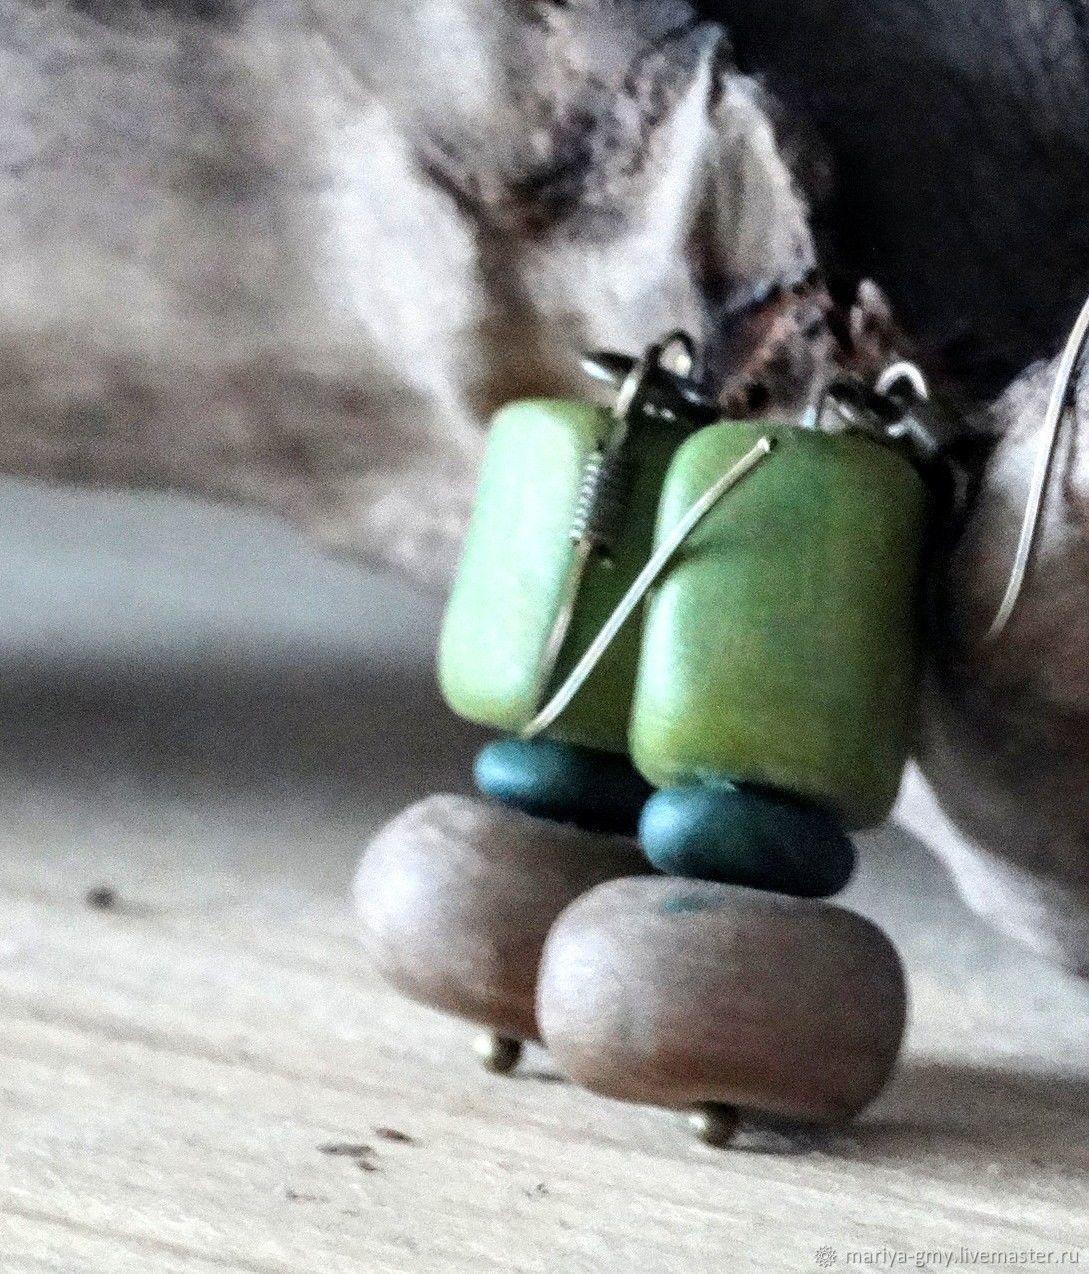 Серьги: Зеленые серьги в стиле бохо, Серьги классические, Санкт-Петербург,  Фото №1